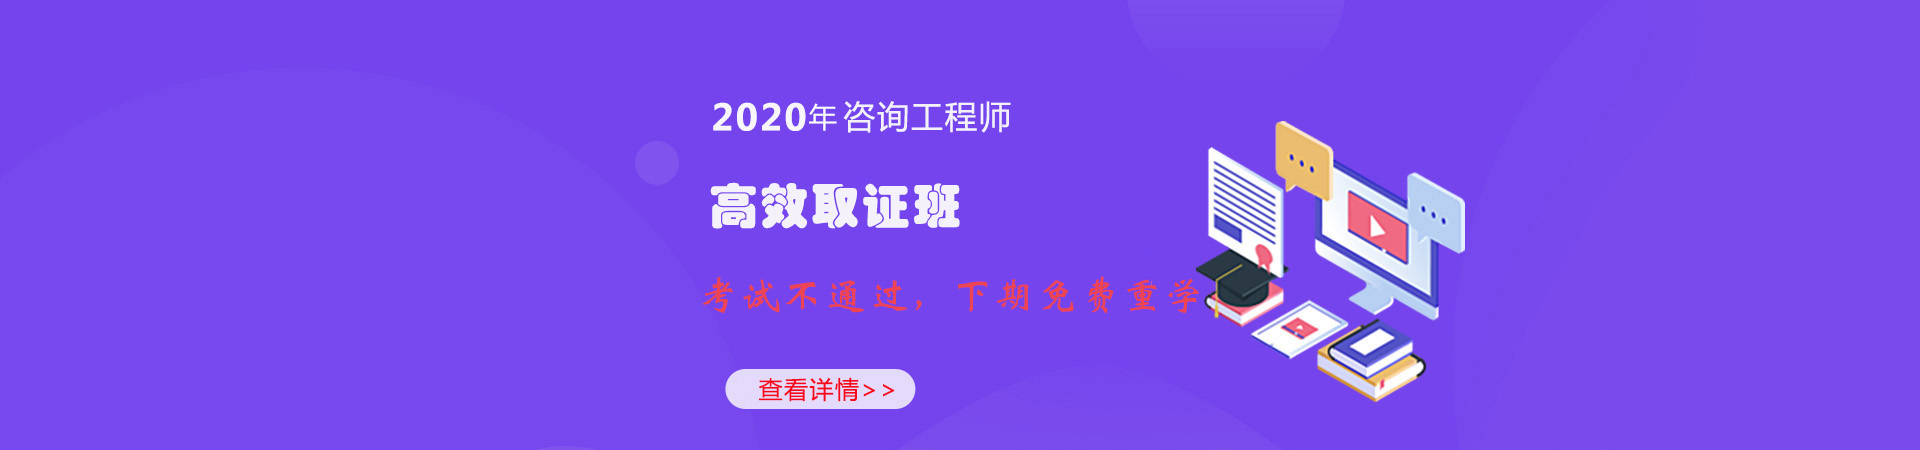 2020咨询工程师考试网上培训